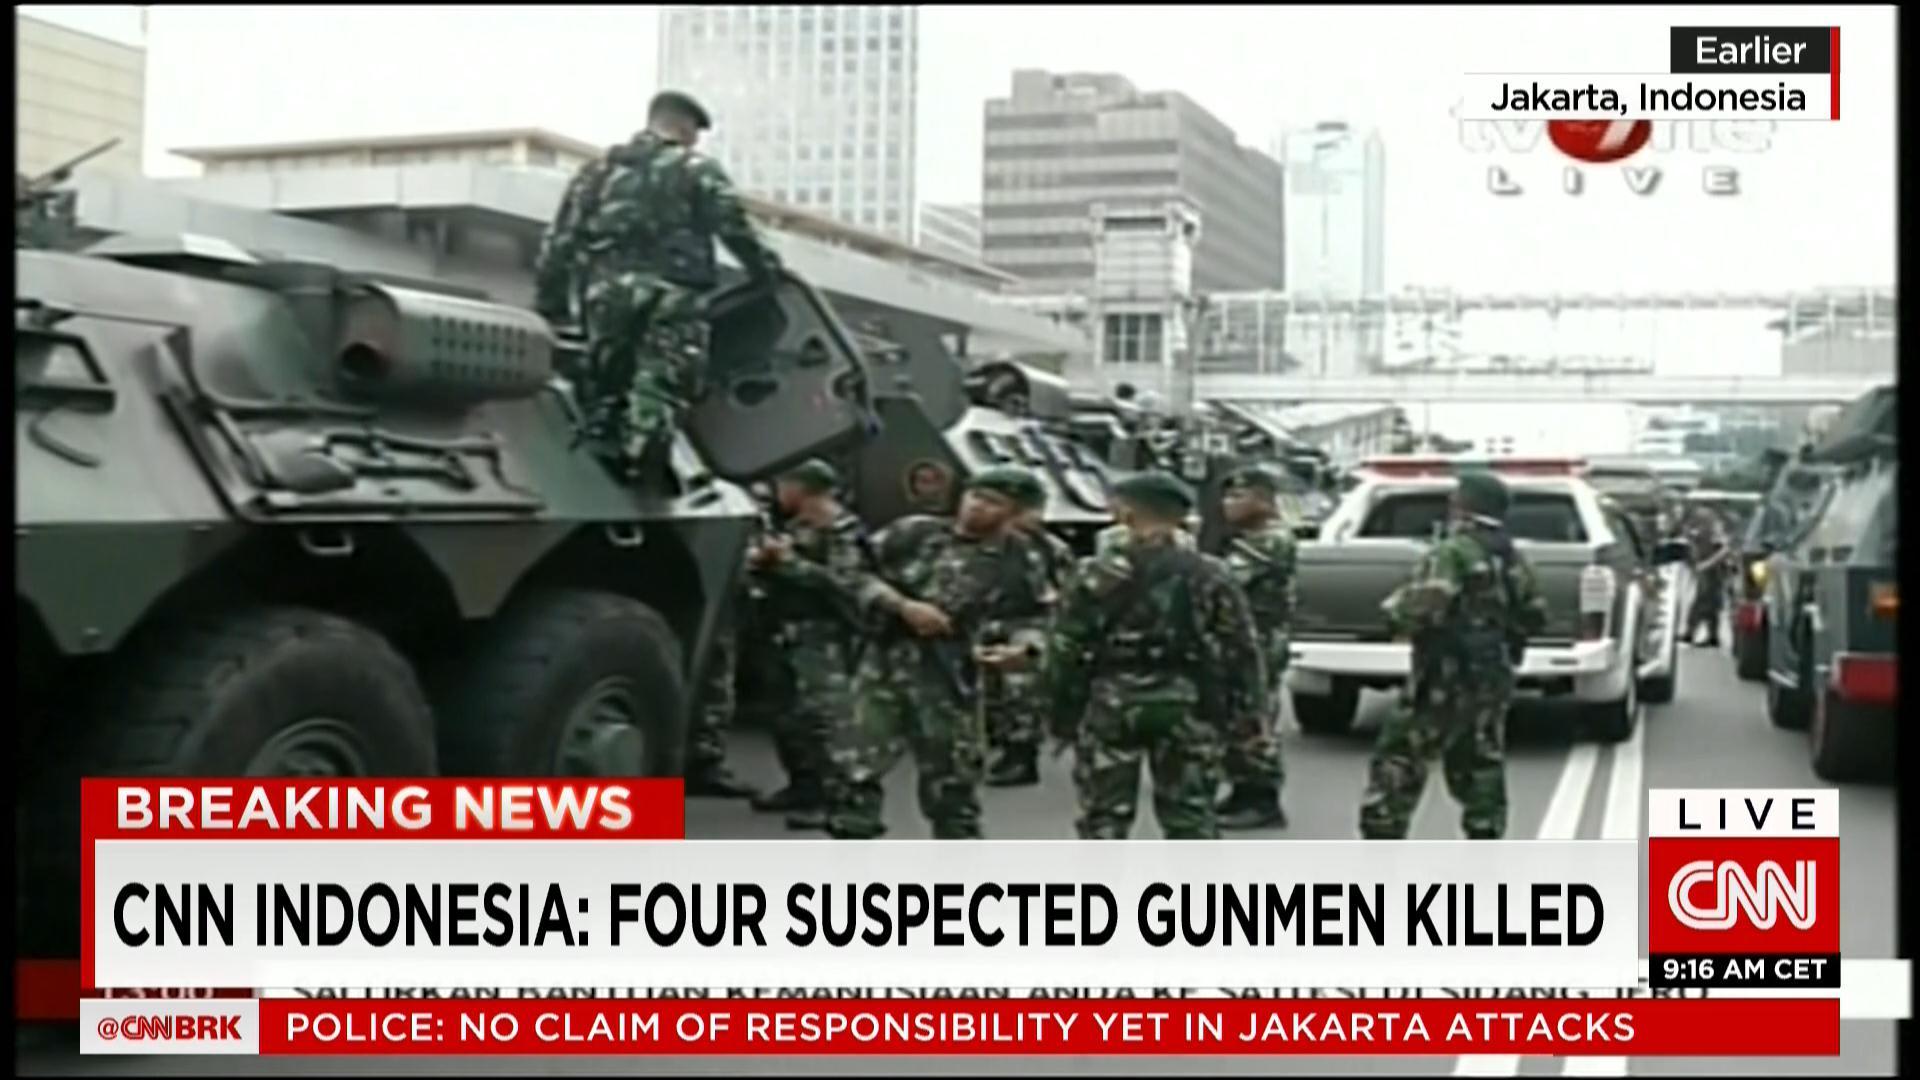 تقارير: ارتفاع أعداد القتلى جراء الهجمات في جاكرتا إلى 6 بينهم أجنبي والشرطة تقتل 4 مهاجمين